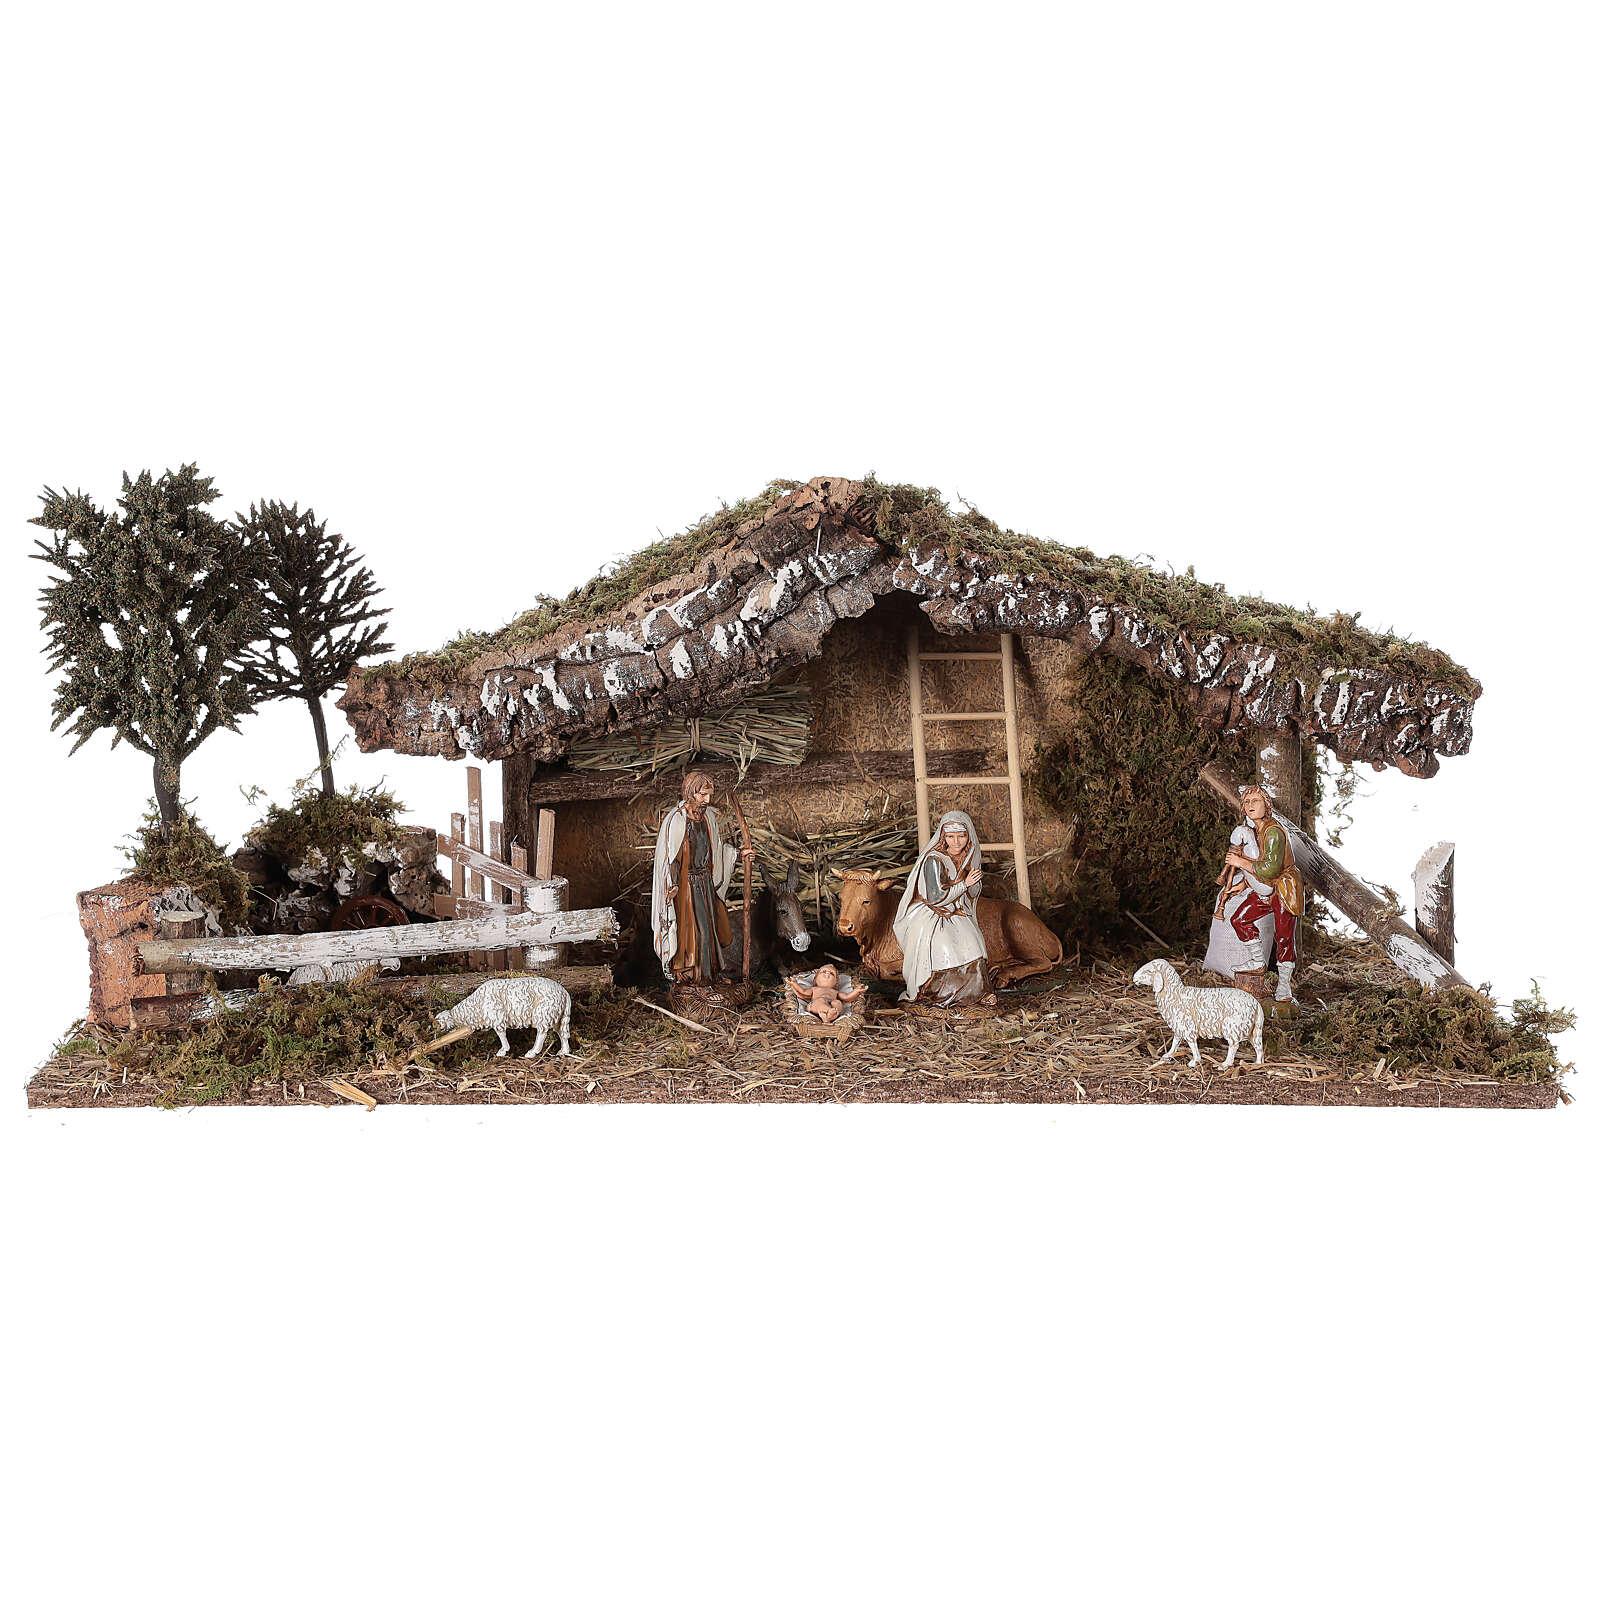 Cabane avec enclos et arbres 55x25x20 cm crèche 10 cm 4